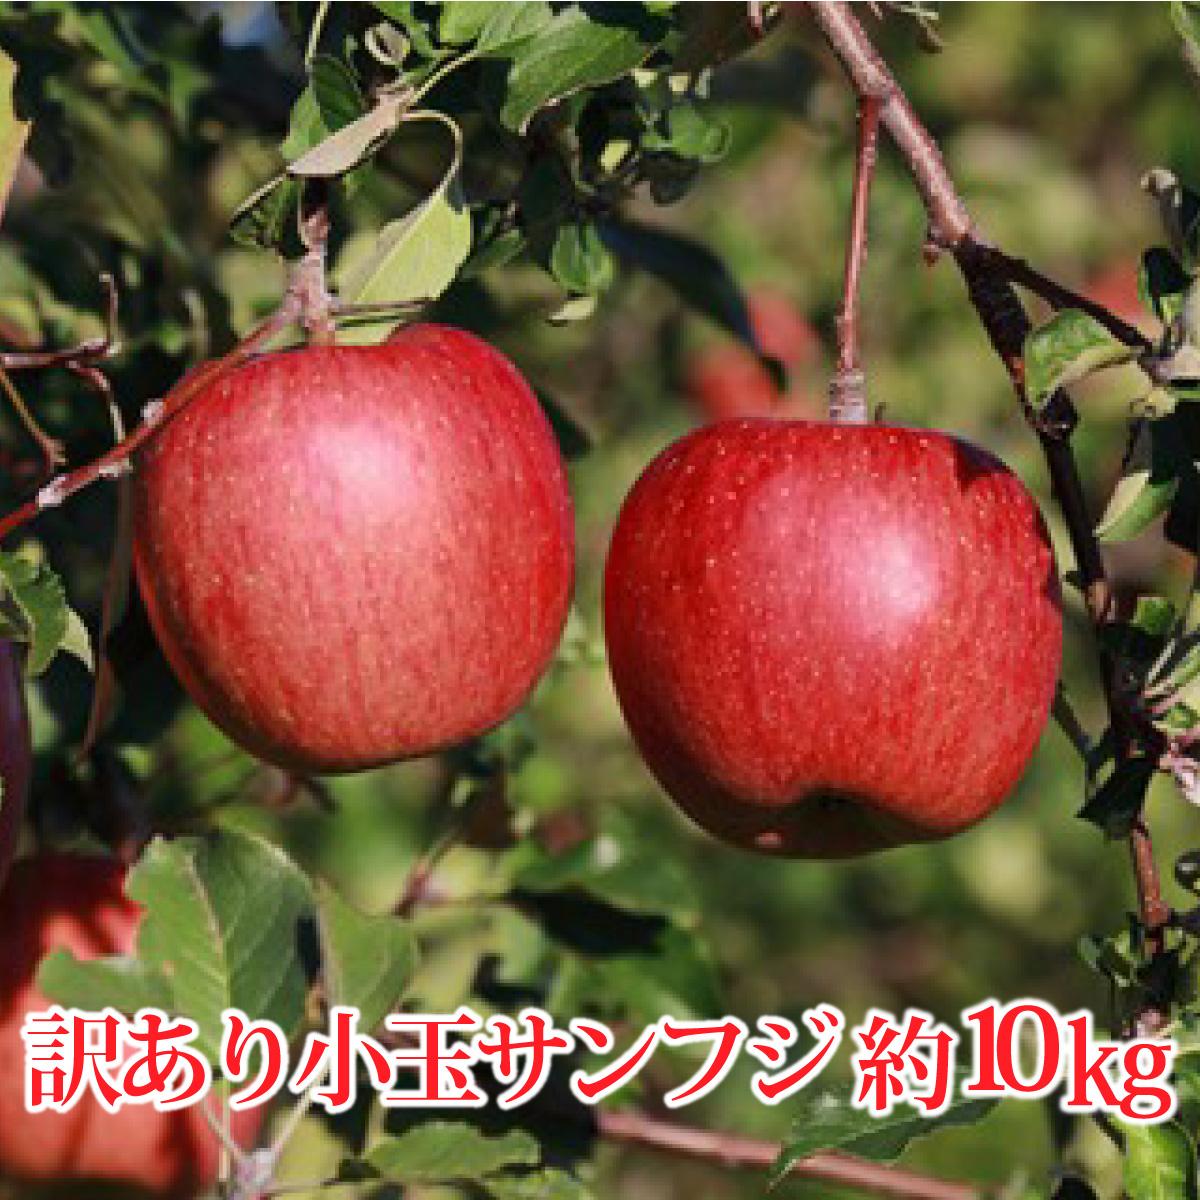 【ふるさと納税】【先行予約】≪11月上旬~順次発送≫サンふじ 小玉 約10kg(訳あり)【果物類・林檎・りんご・リンゴ】